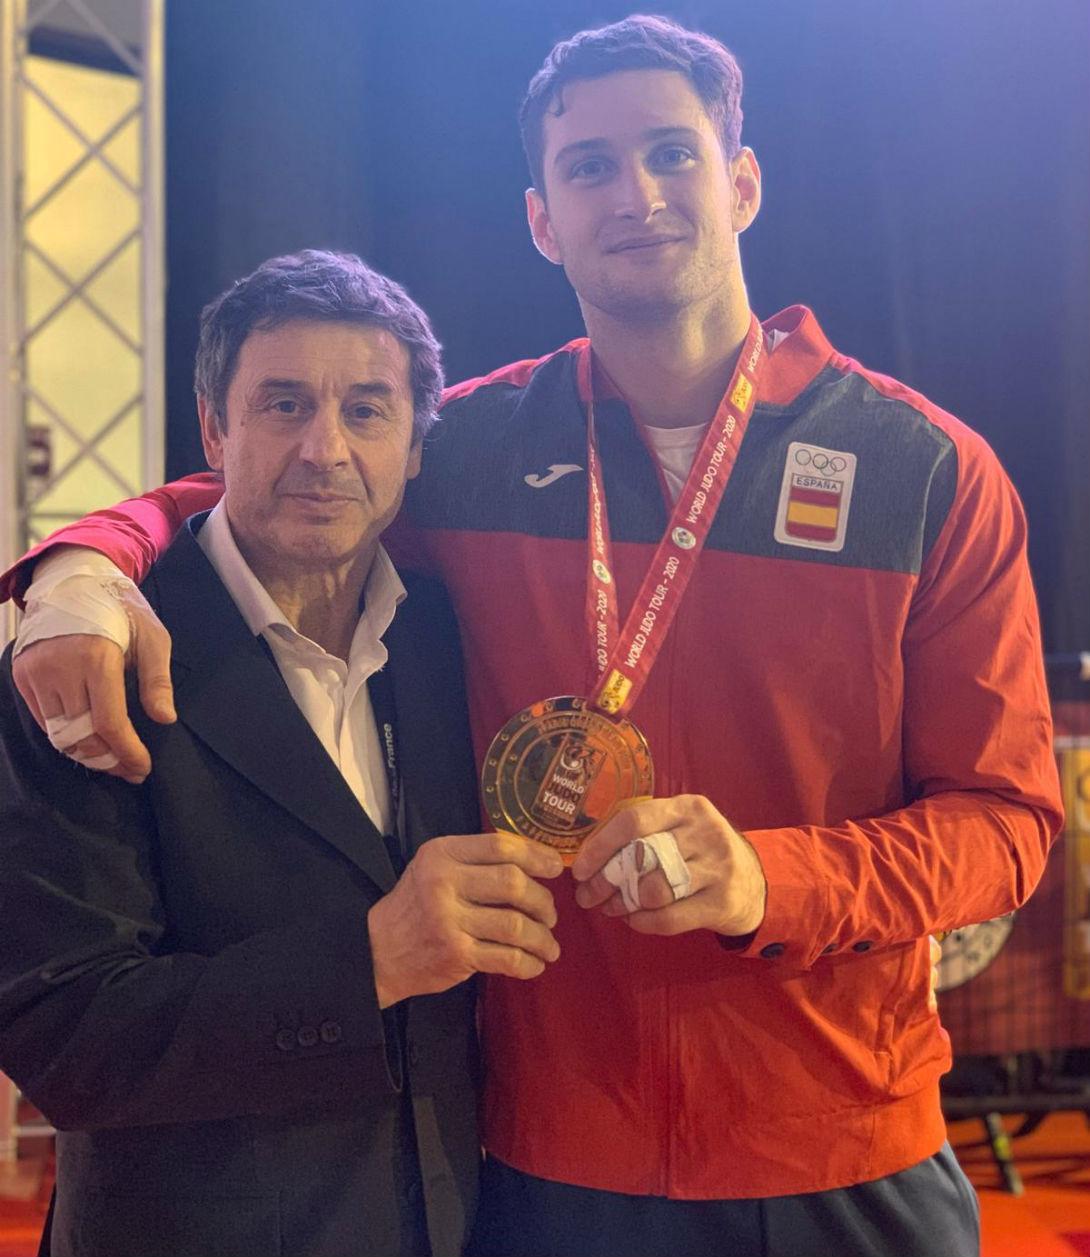 Niko junto a su entrenador Quino Ruiz, ya con la medalla colgada al cuello.